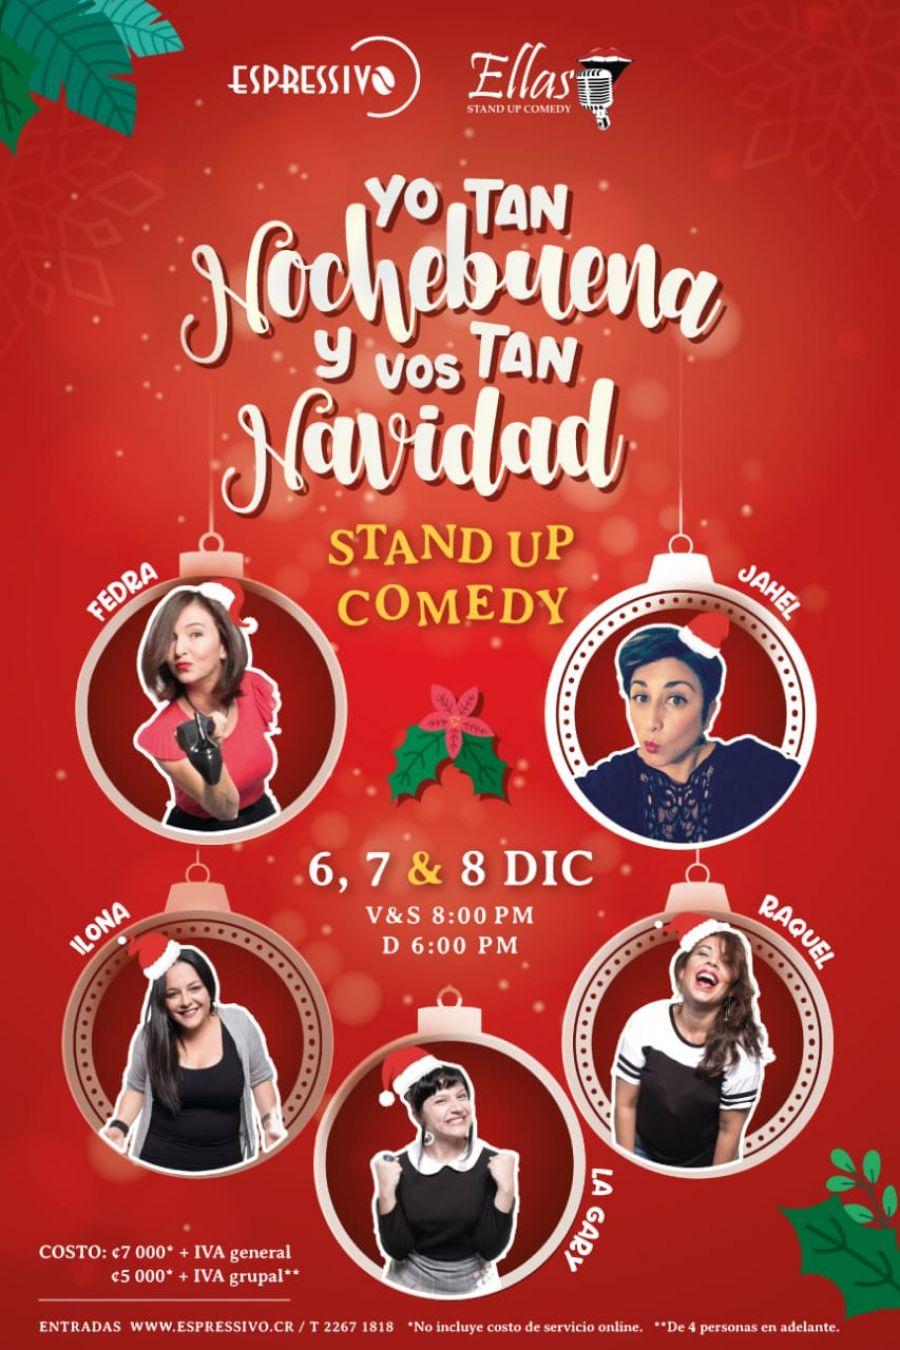 Yo tan Noche Buena y vos tan Navidad. Ellas Stand Up Comedy